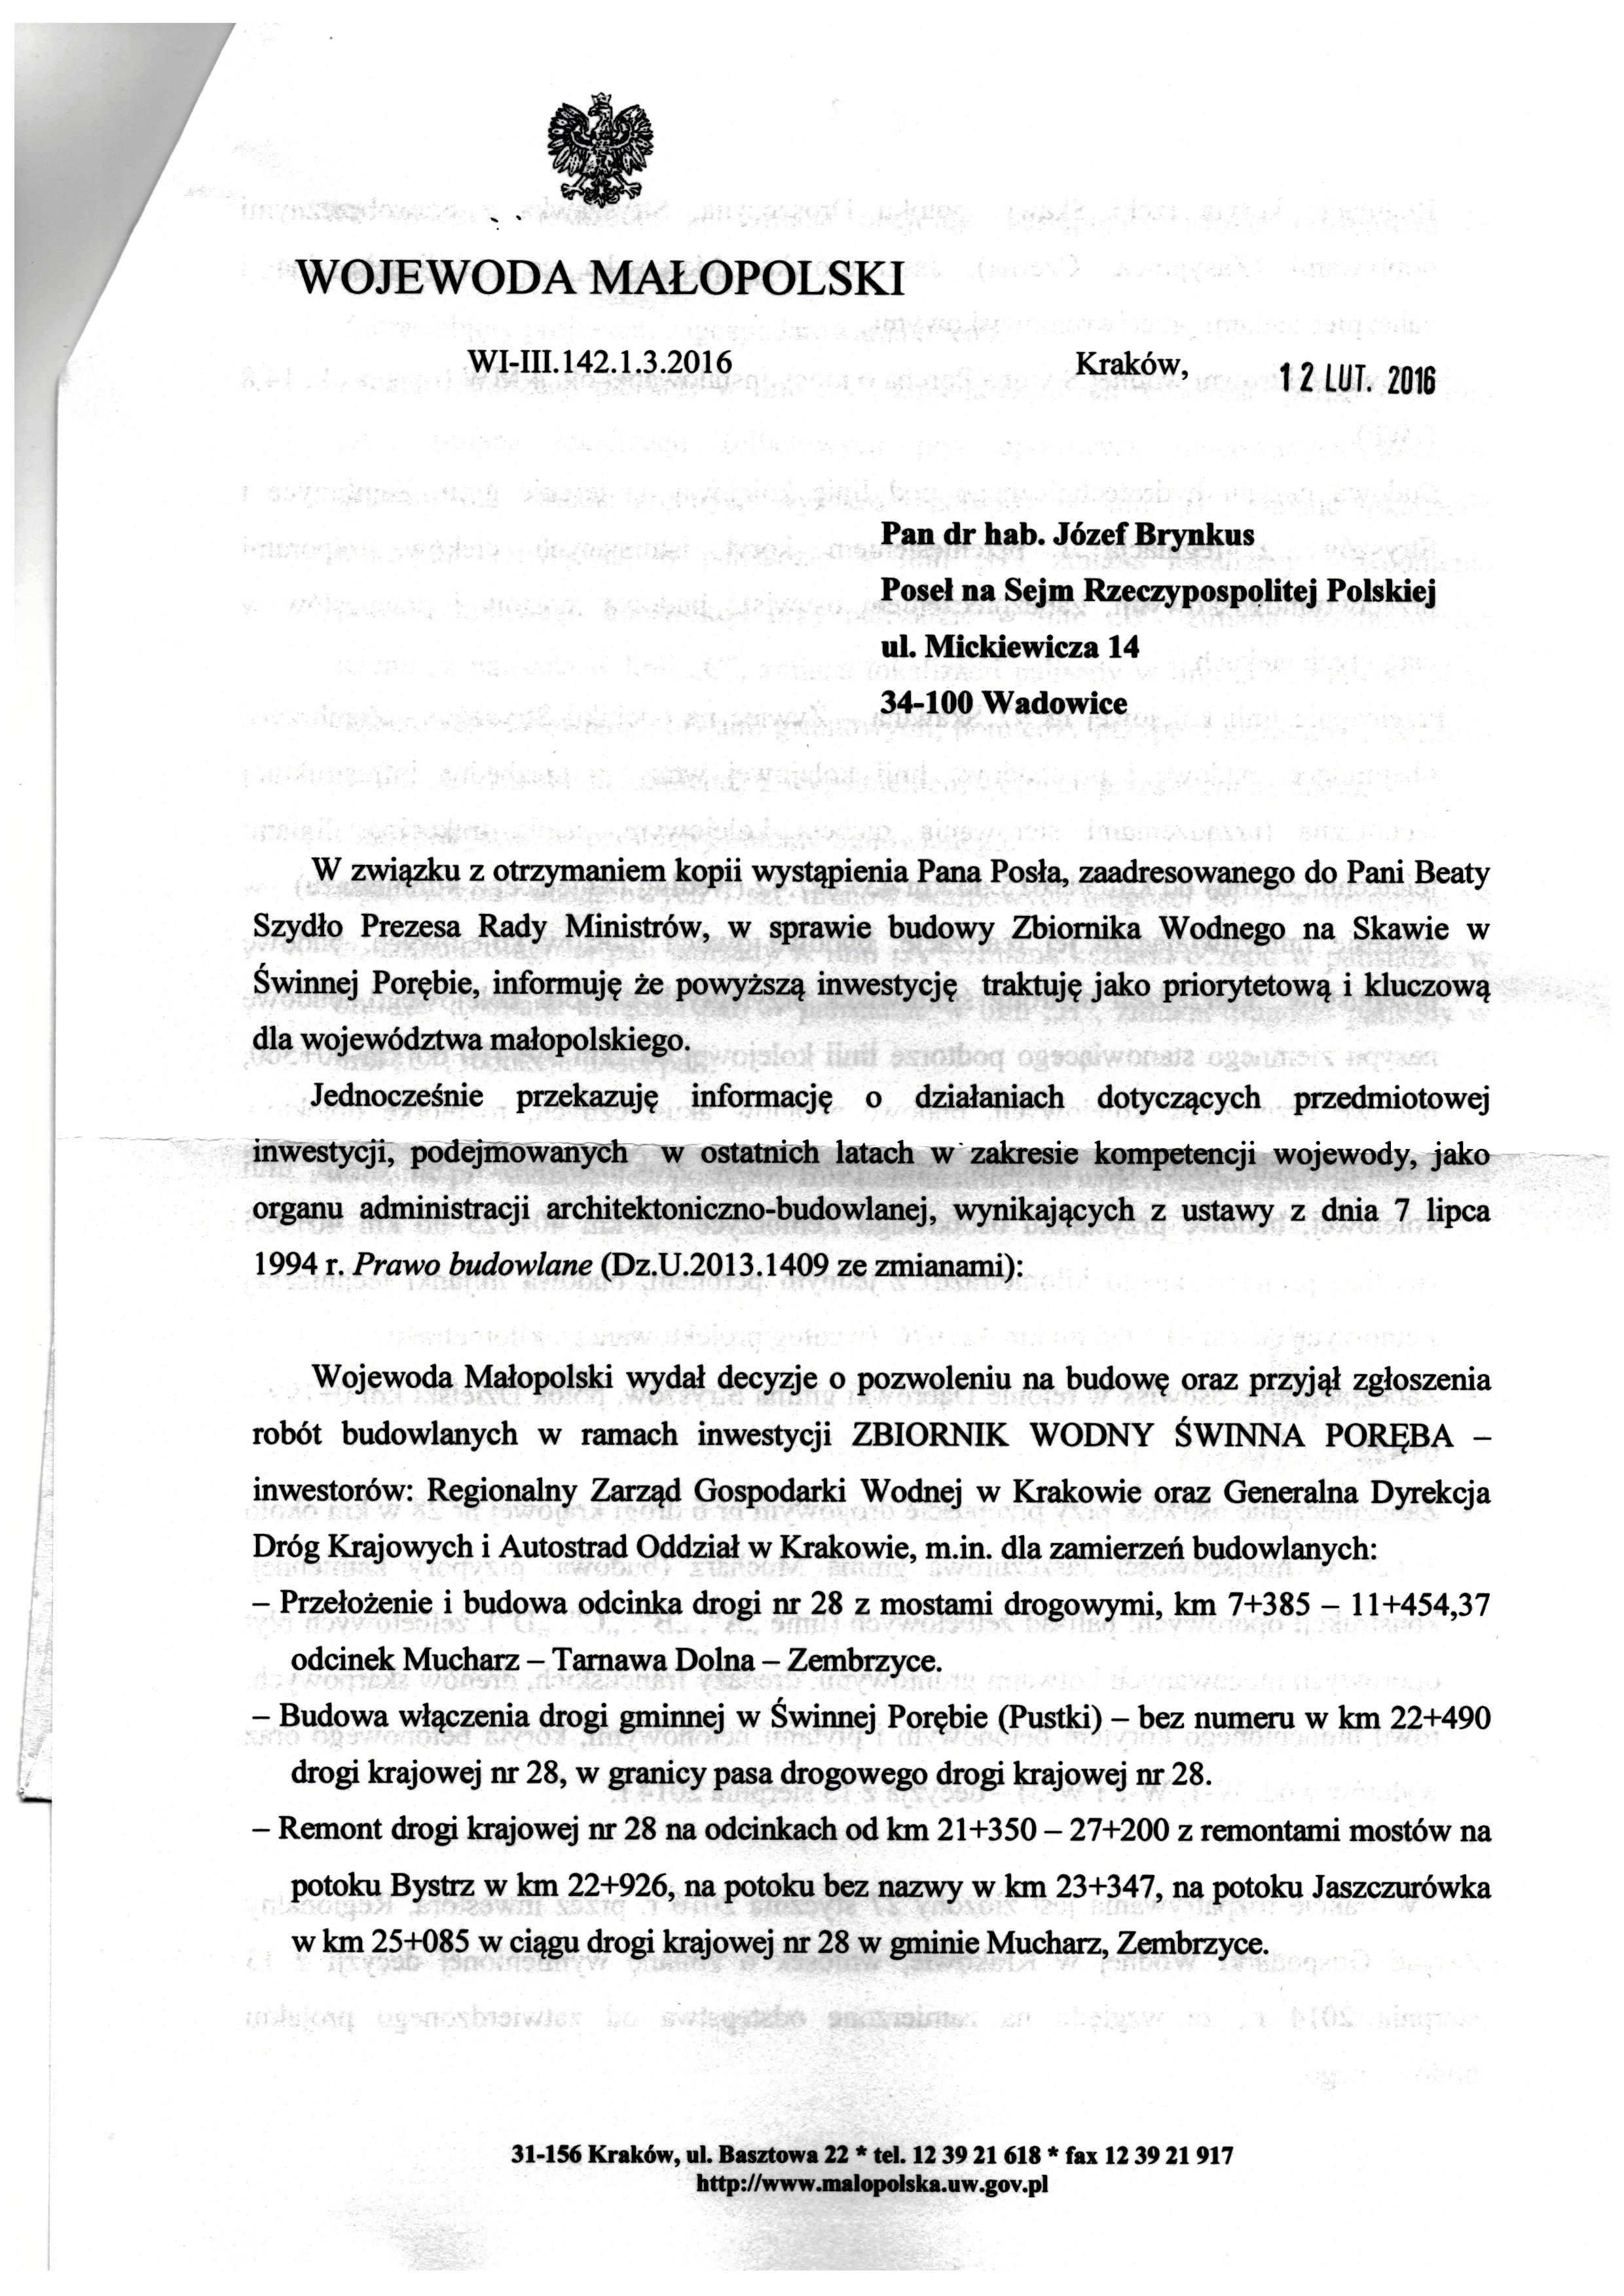 Zbiornik wodny - pismo odWojewody Małopolskiego ws budowy Jeziora Mucharskiego str. 1